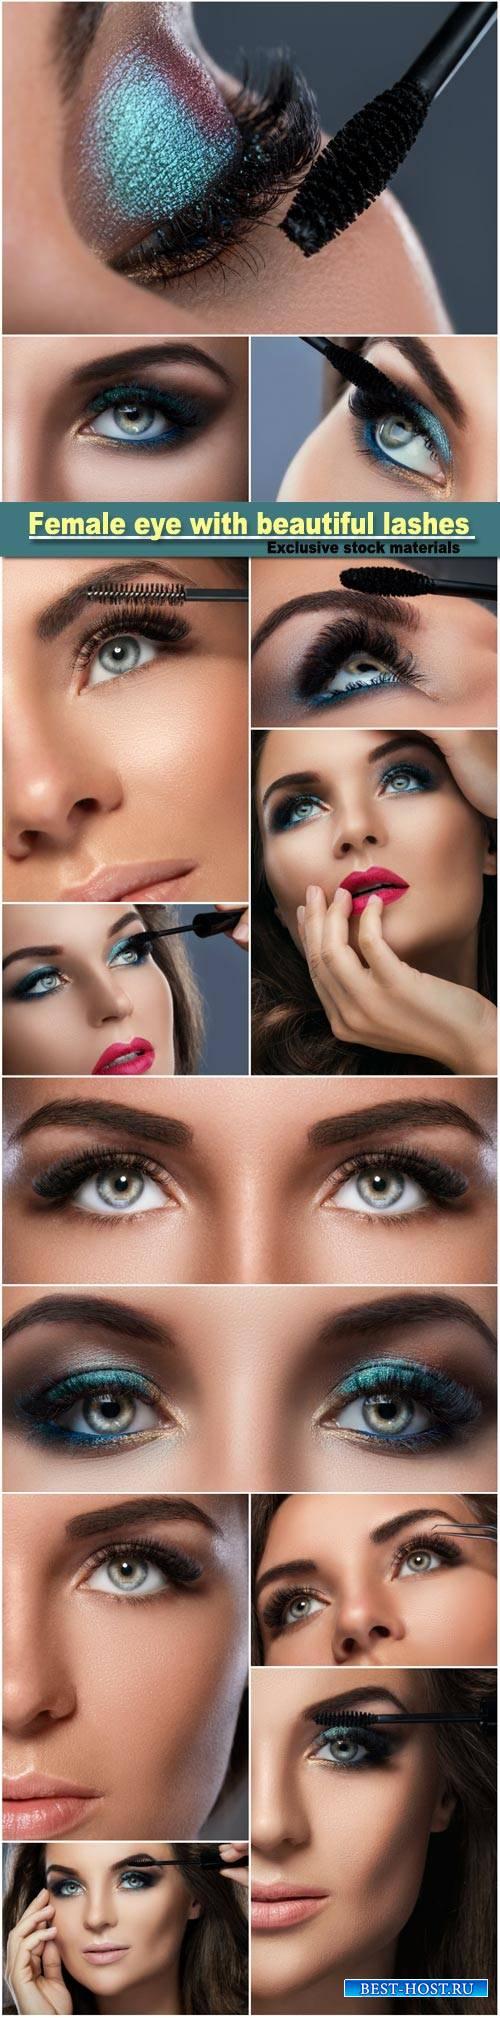 Female eye with beautiful long lashes, make-up